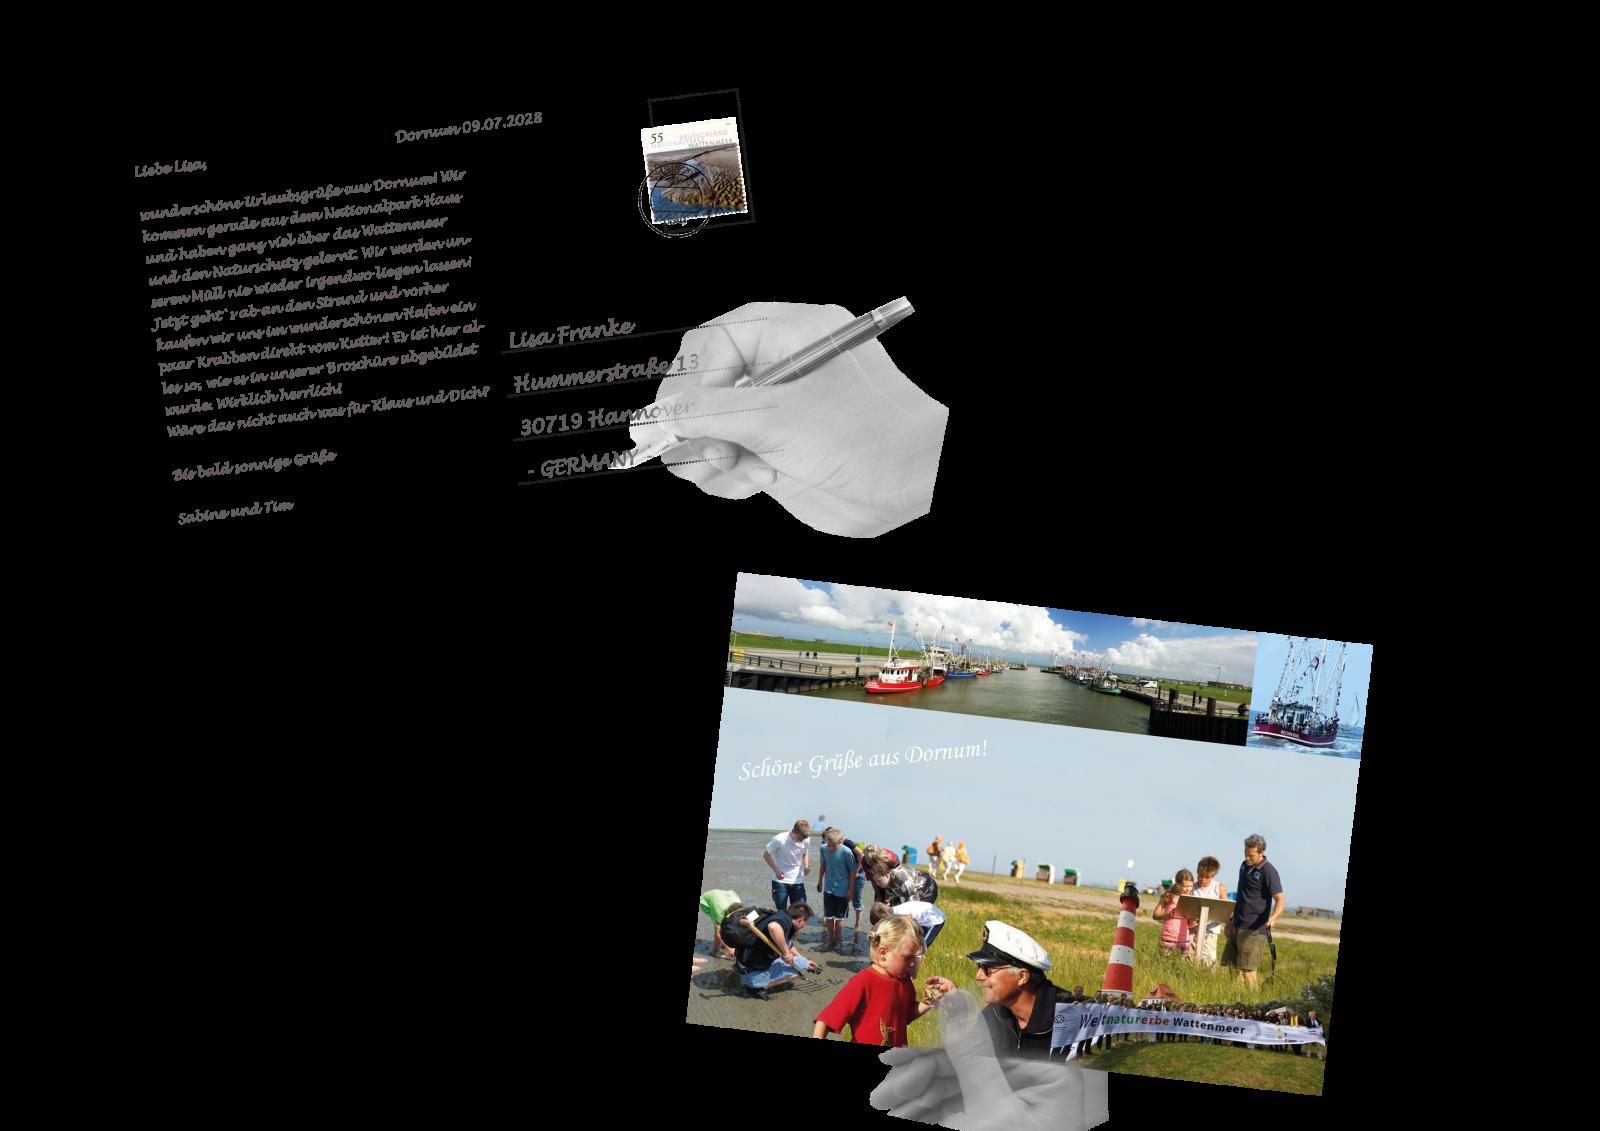 Beispielseite Publikation zum Thema Fischerei in Dornum